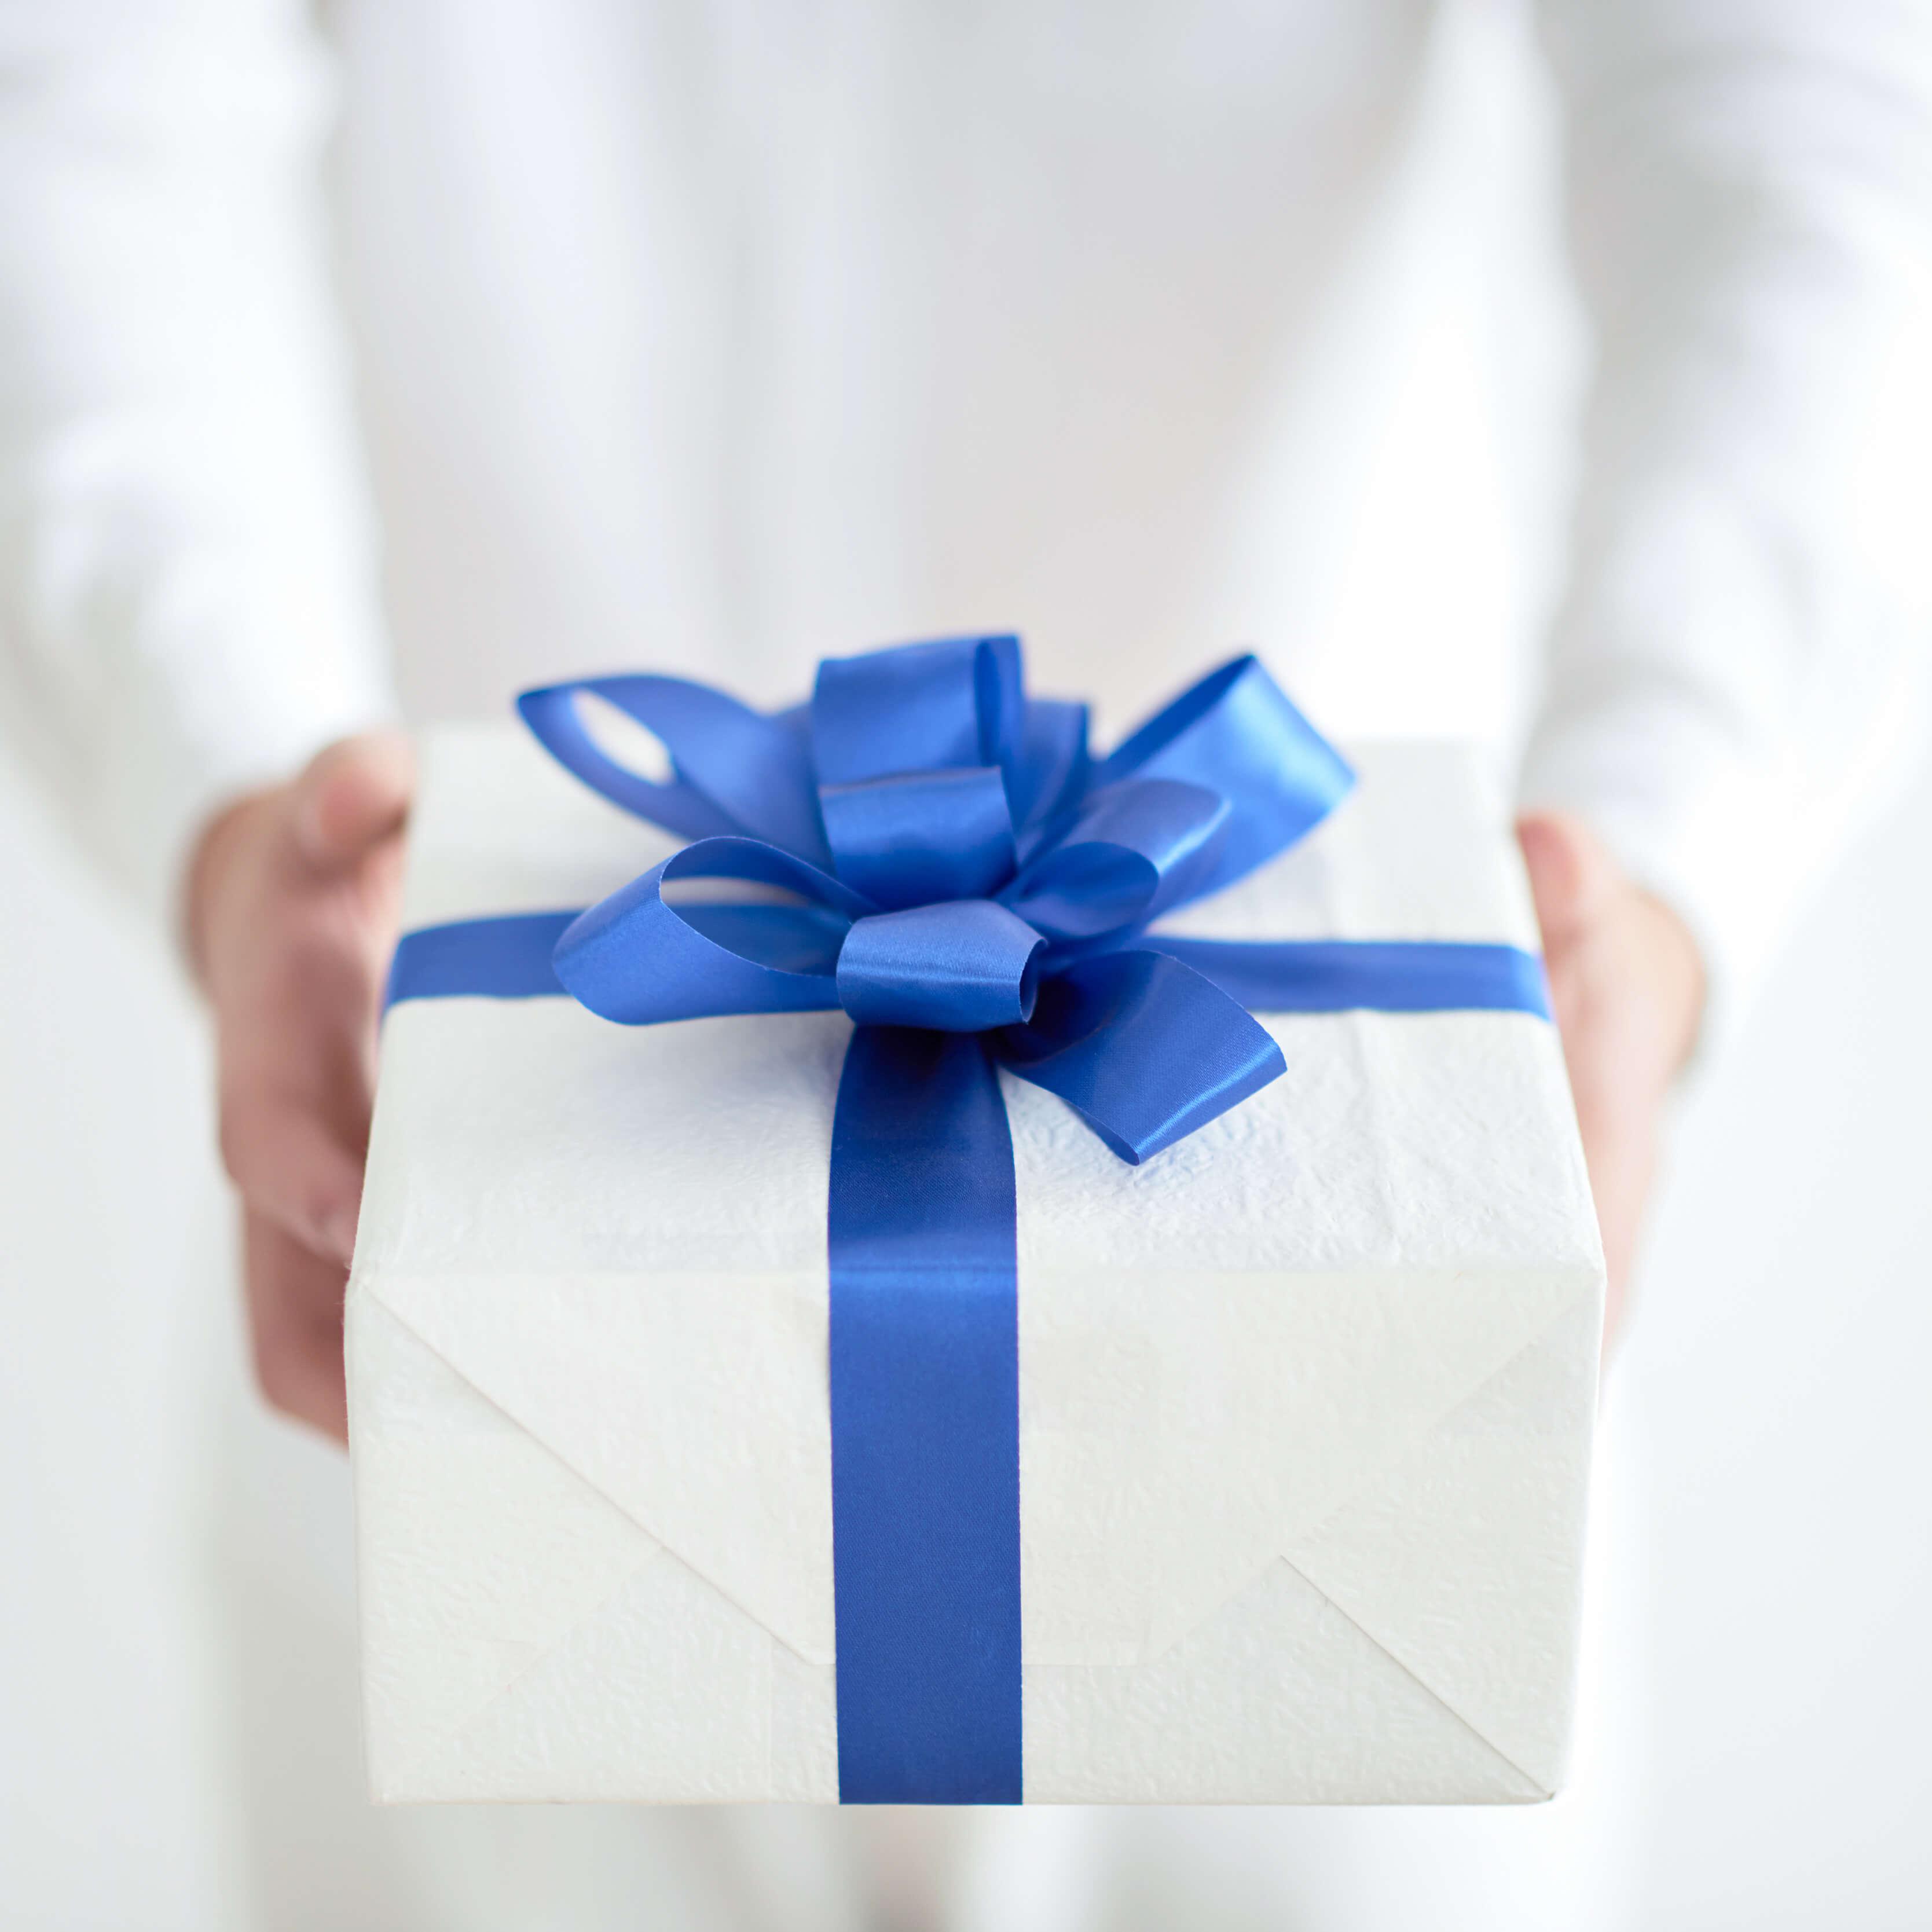 | ایده هدیه | ایده برای هدیه ارزان | هدیه | مدیریت مالی شخصی | حسابداری شخصی | فانوس